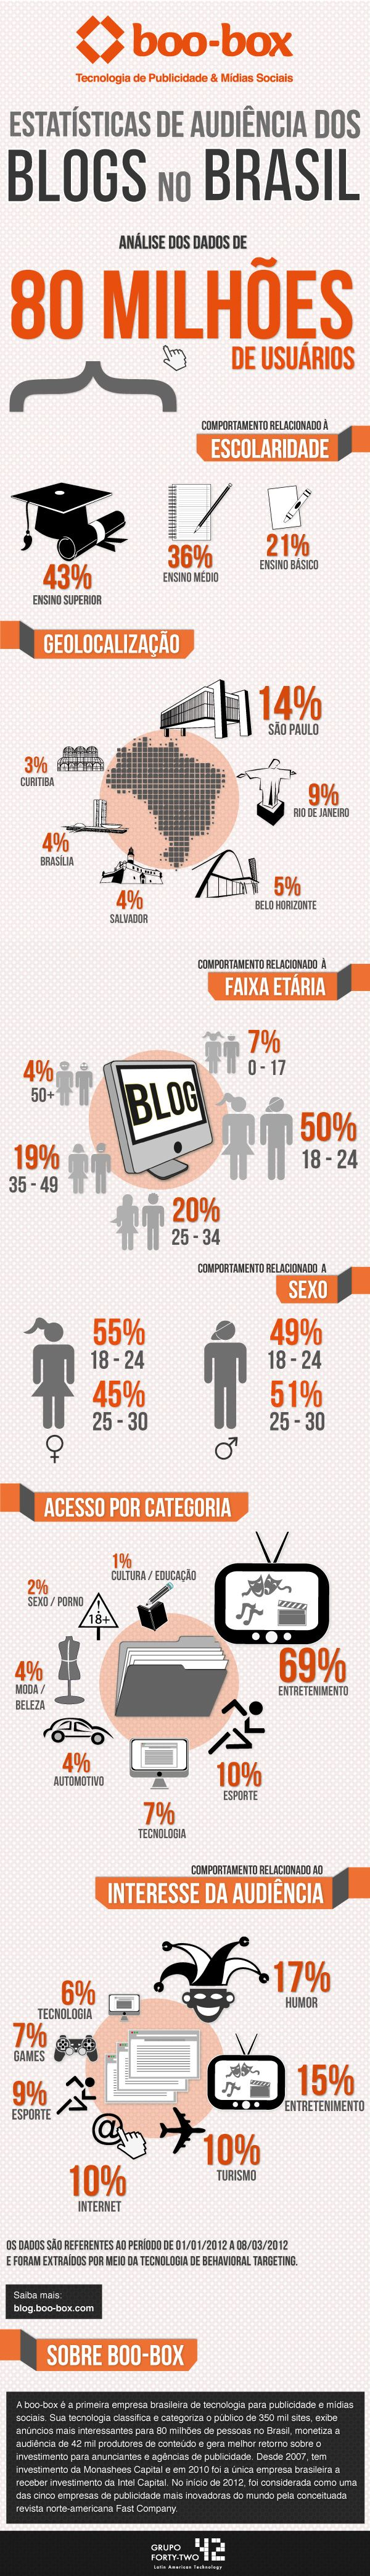 infografico blogs no brasil 2012